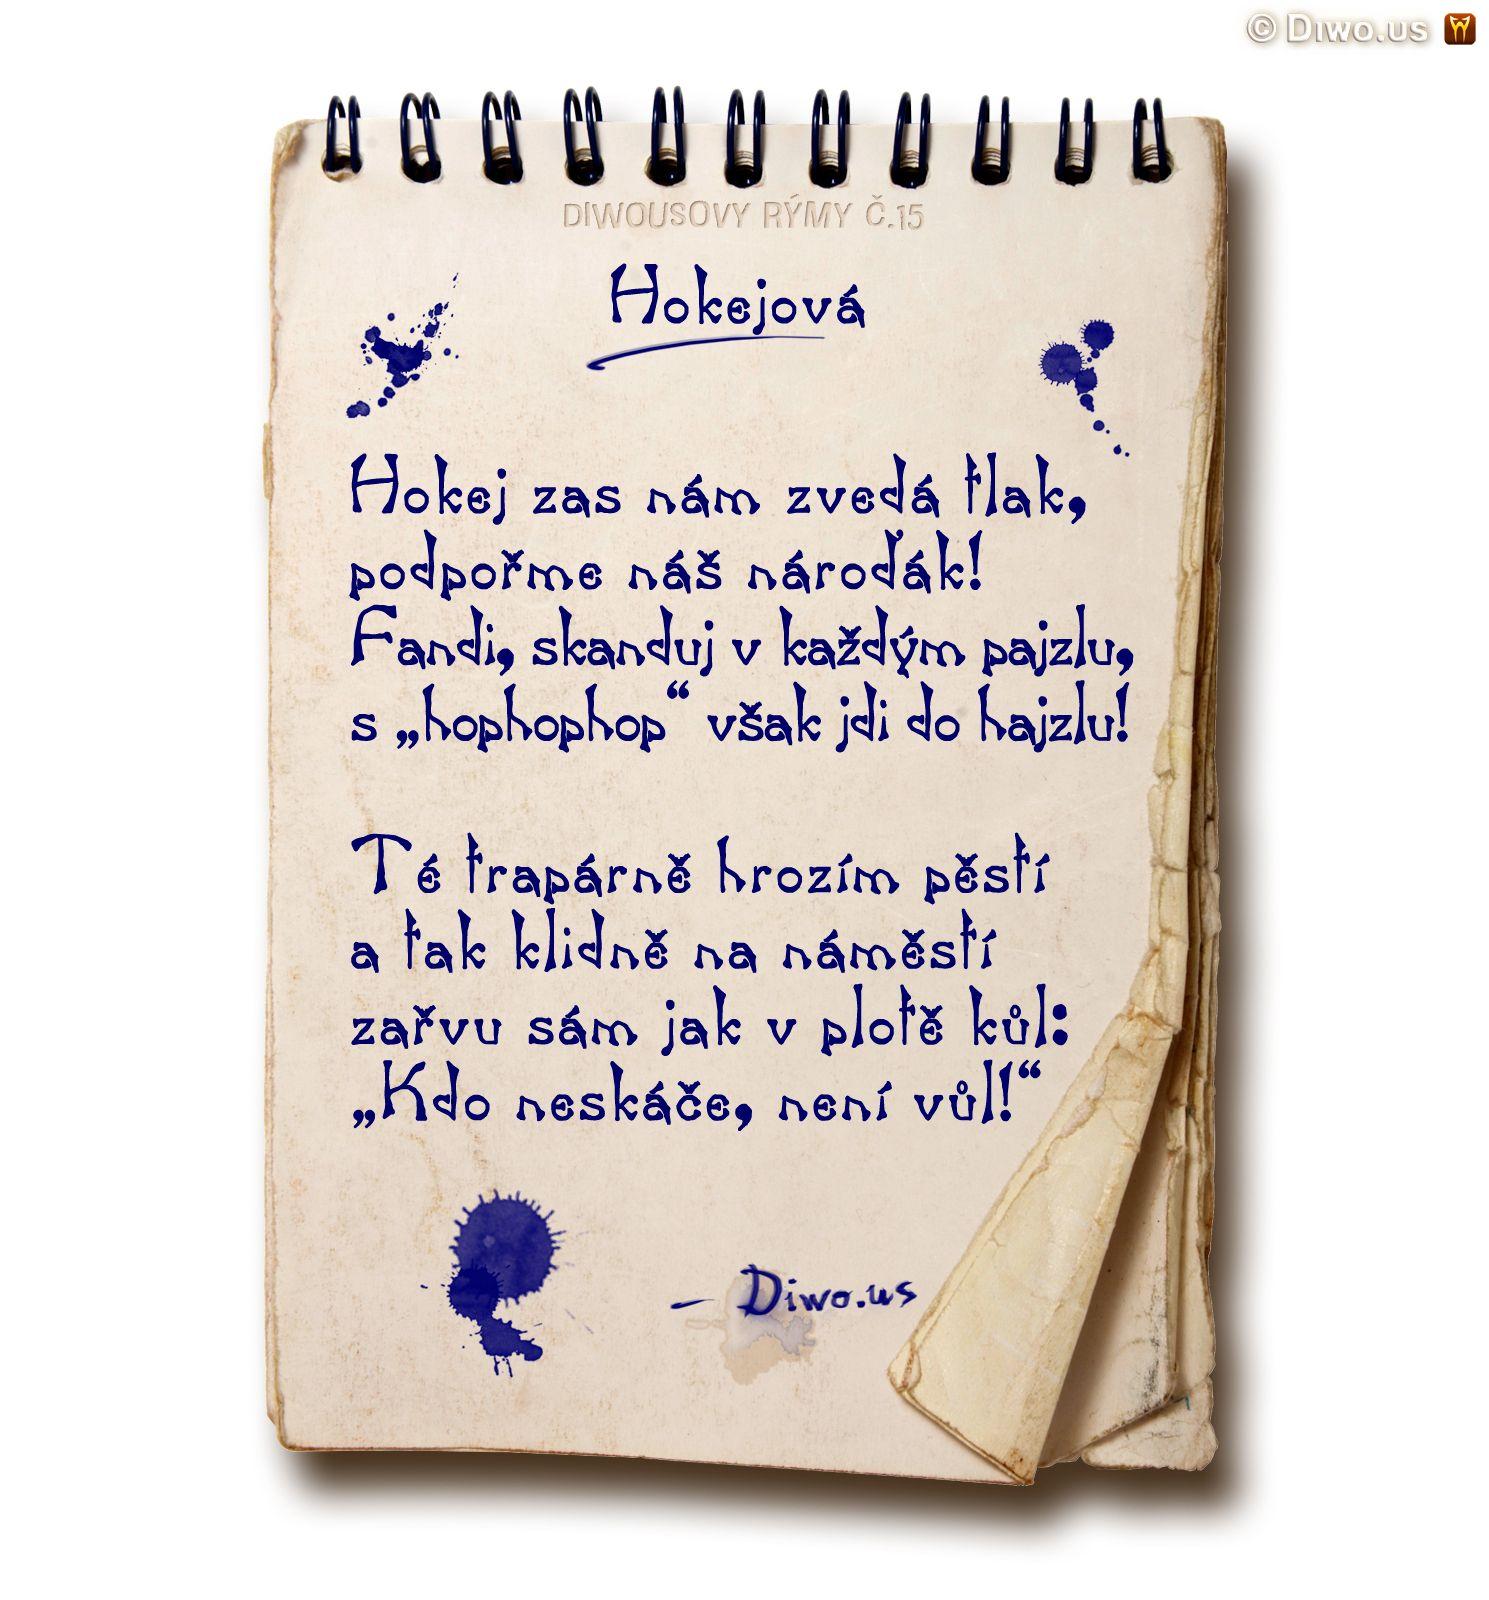 Diwous - básně, č.15, Diwousovy Rýmy, humorné básničky, legrace, říkanky, rýmovačky, satira, sranda, verše, veršovánky, žertovné, MS hokej, MS v hokeji 2015, hokej, hophophop, Kdo neskáče není Čech, Kdo neskáče není vůl, fandění, skandování, hospody, bary, náměstí, oslavy, titul